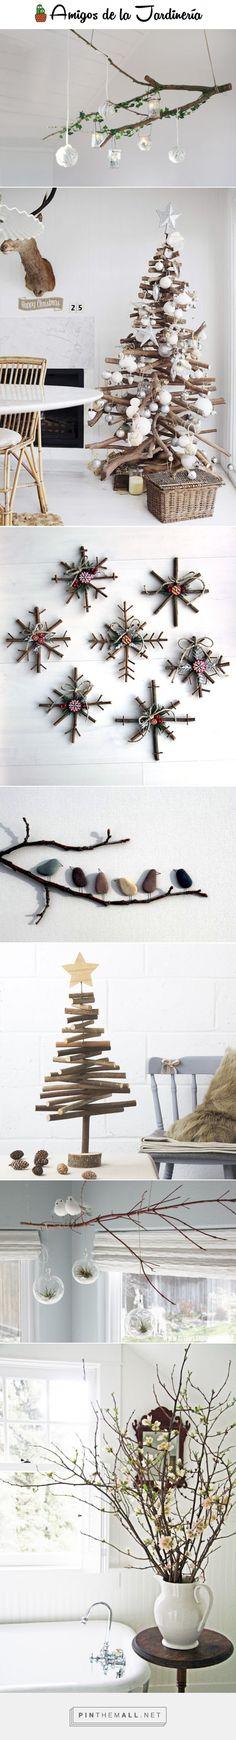 20 #ideas para decorar en #Navidad con #ramas secas... ¿Te animas a probarlo?